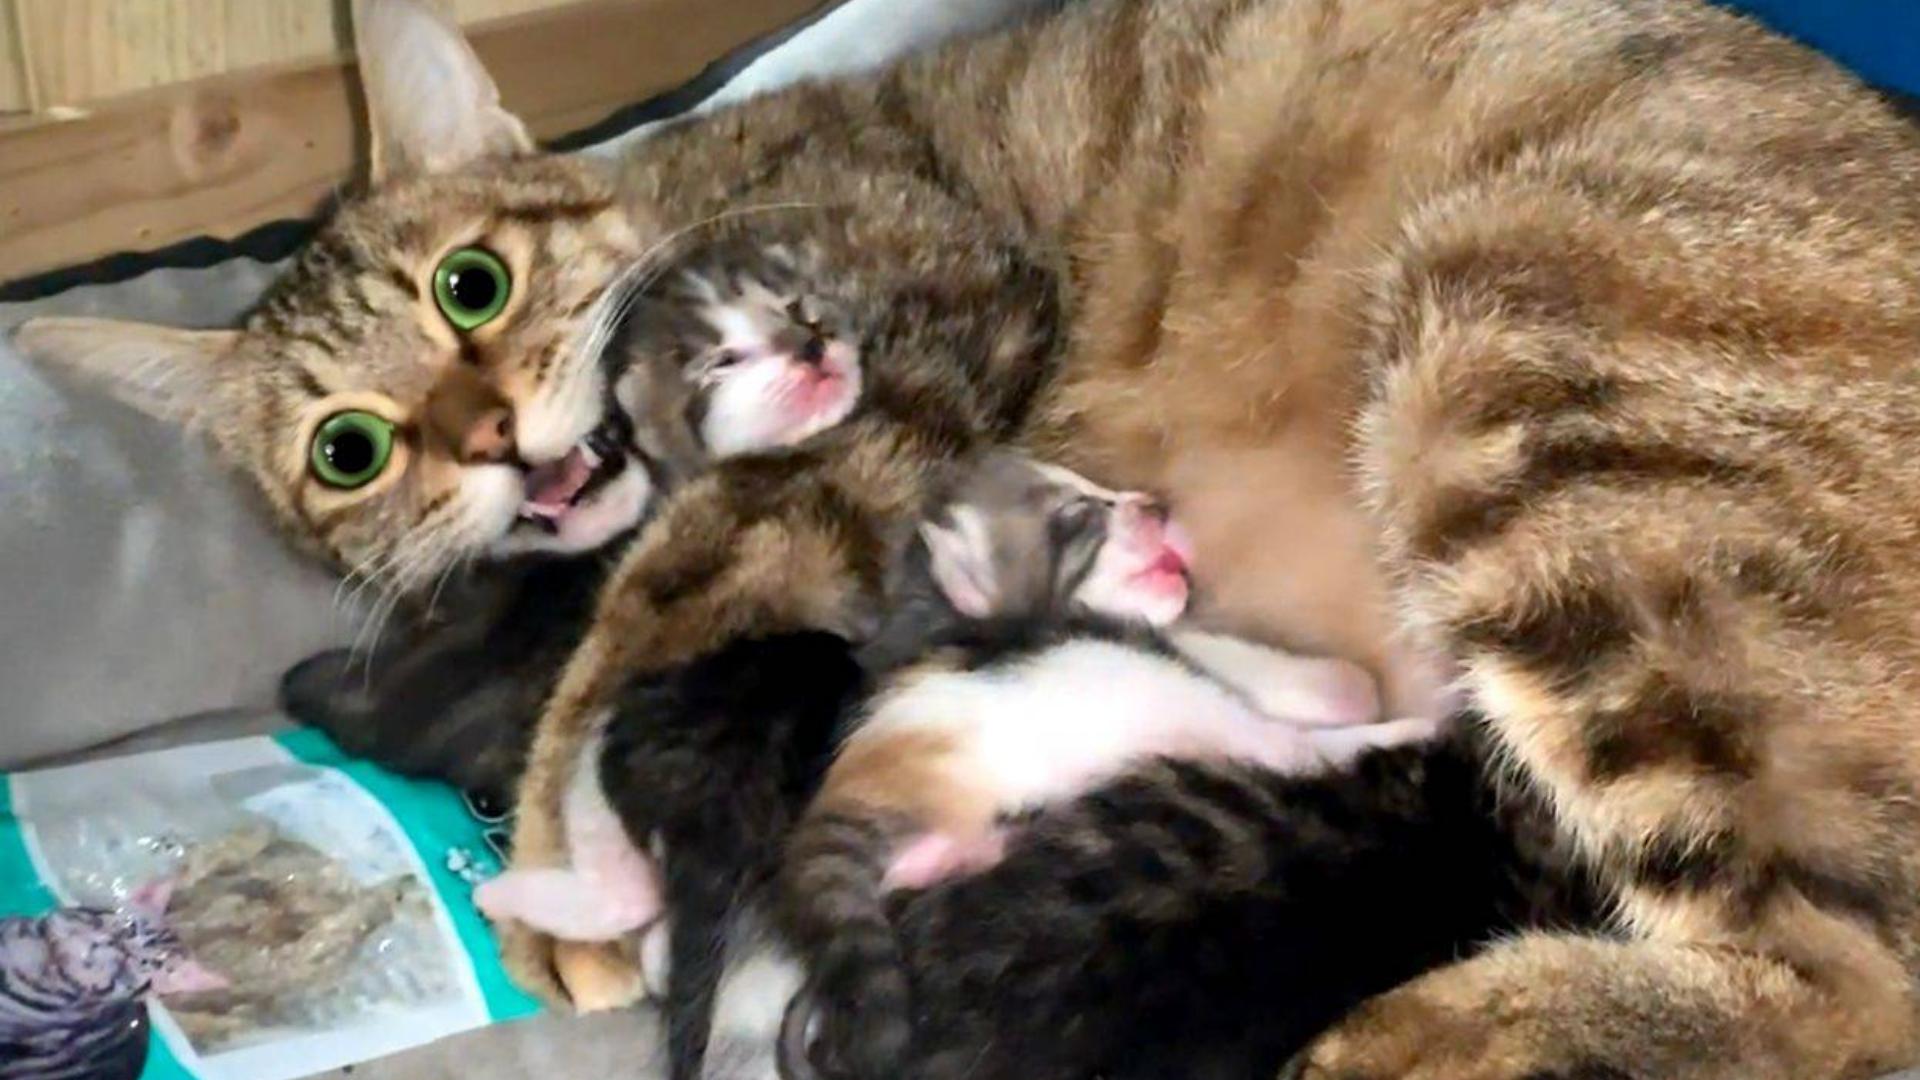 流浪猫妈在狗窝产子,母性勇气让人动容!